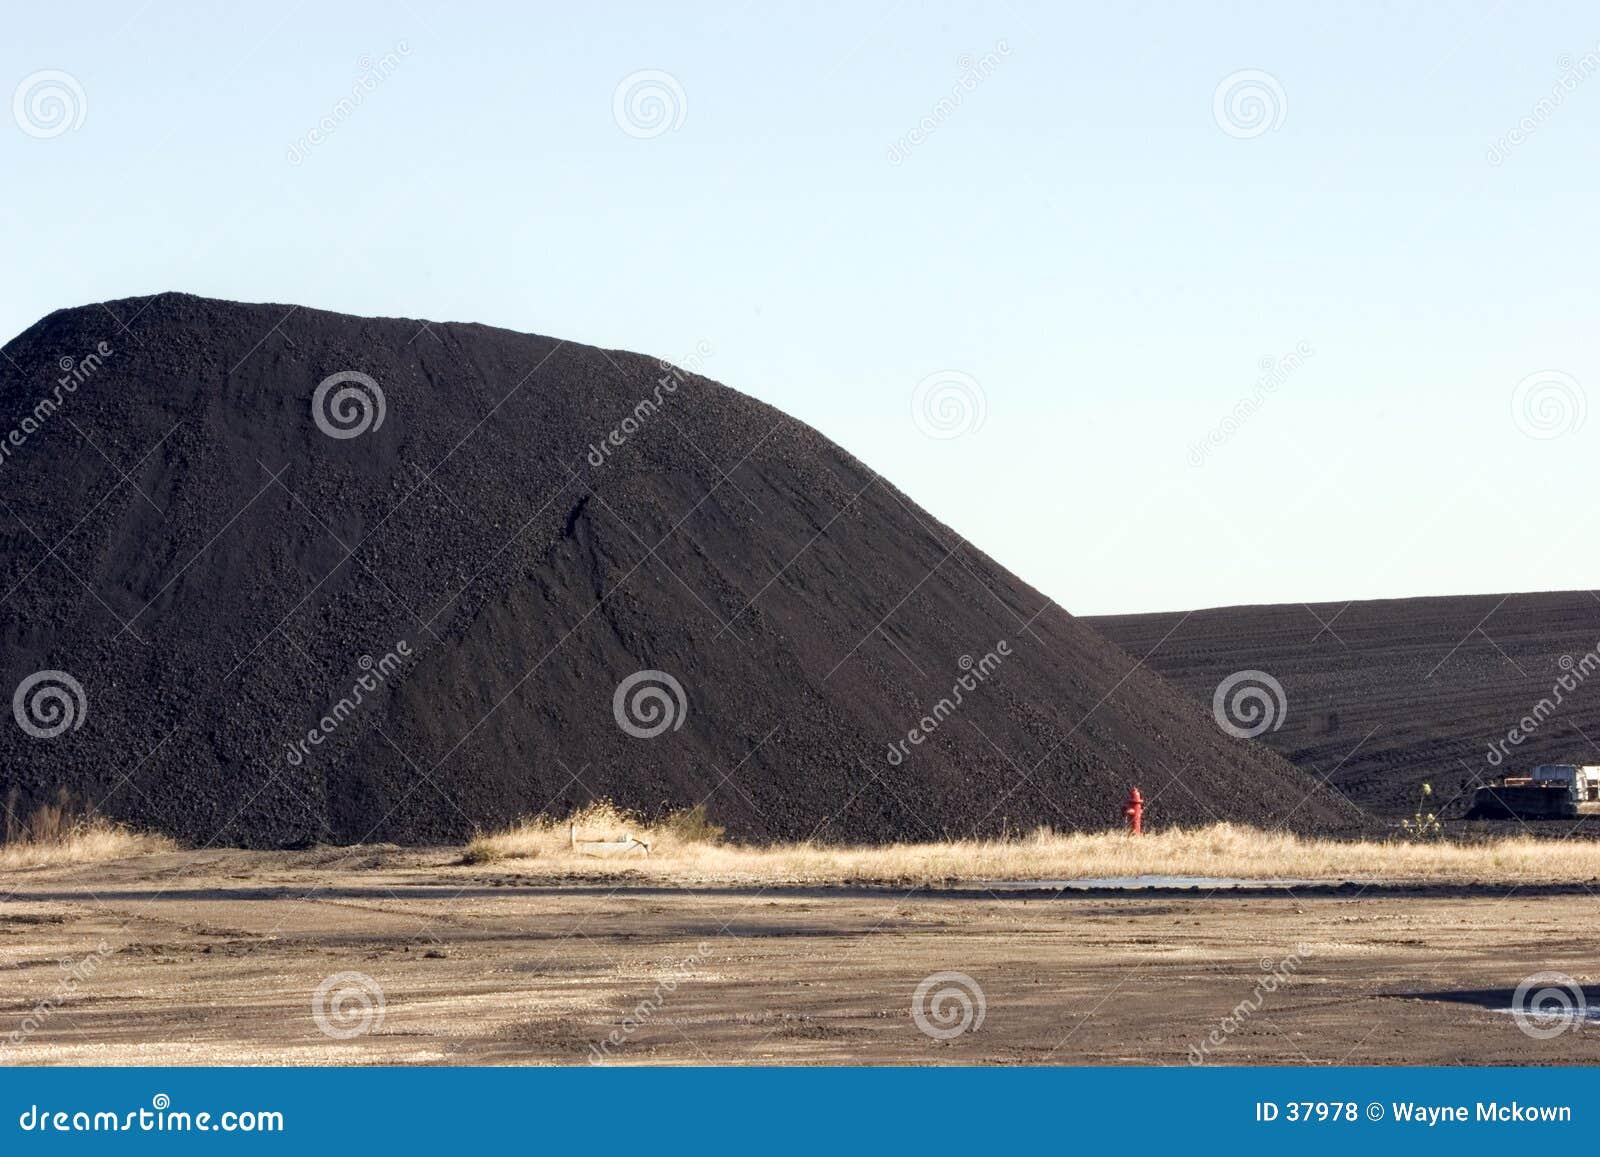 Download Pila De Carbón Para La Central Eléctrica Foto de archivo - Imagen de drilling, combustible: 37978